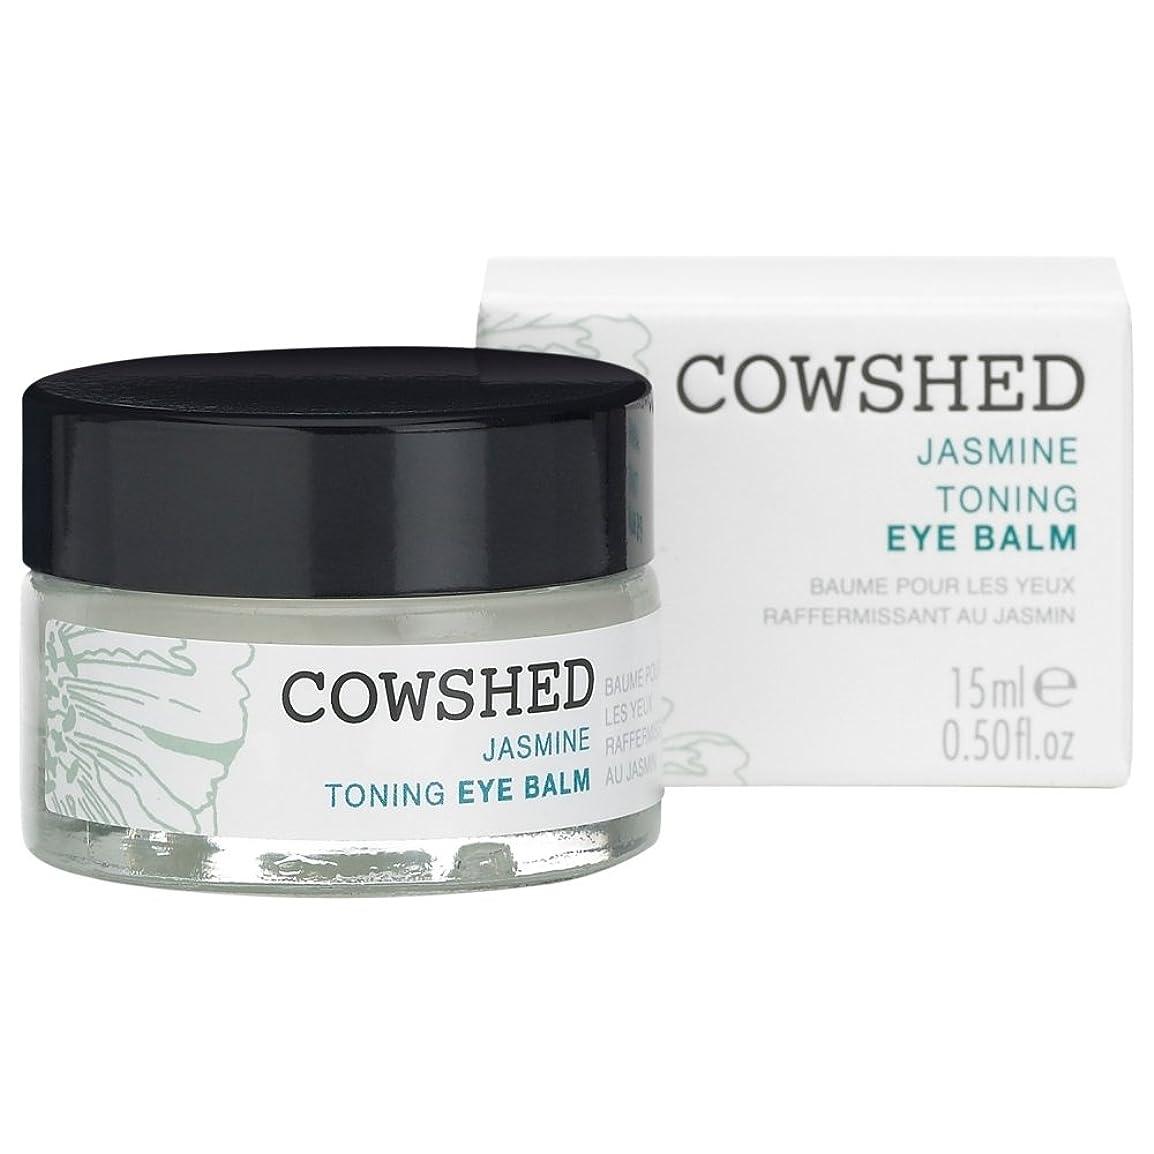 団結する故意の出席牛舎ジャスミン調色アイクリーム15ミリリットル (Cowshed) - Cowshed Jasmine Toning Eye Balm 15ml [並行輸入品]